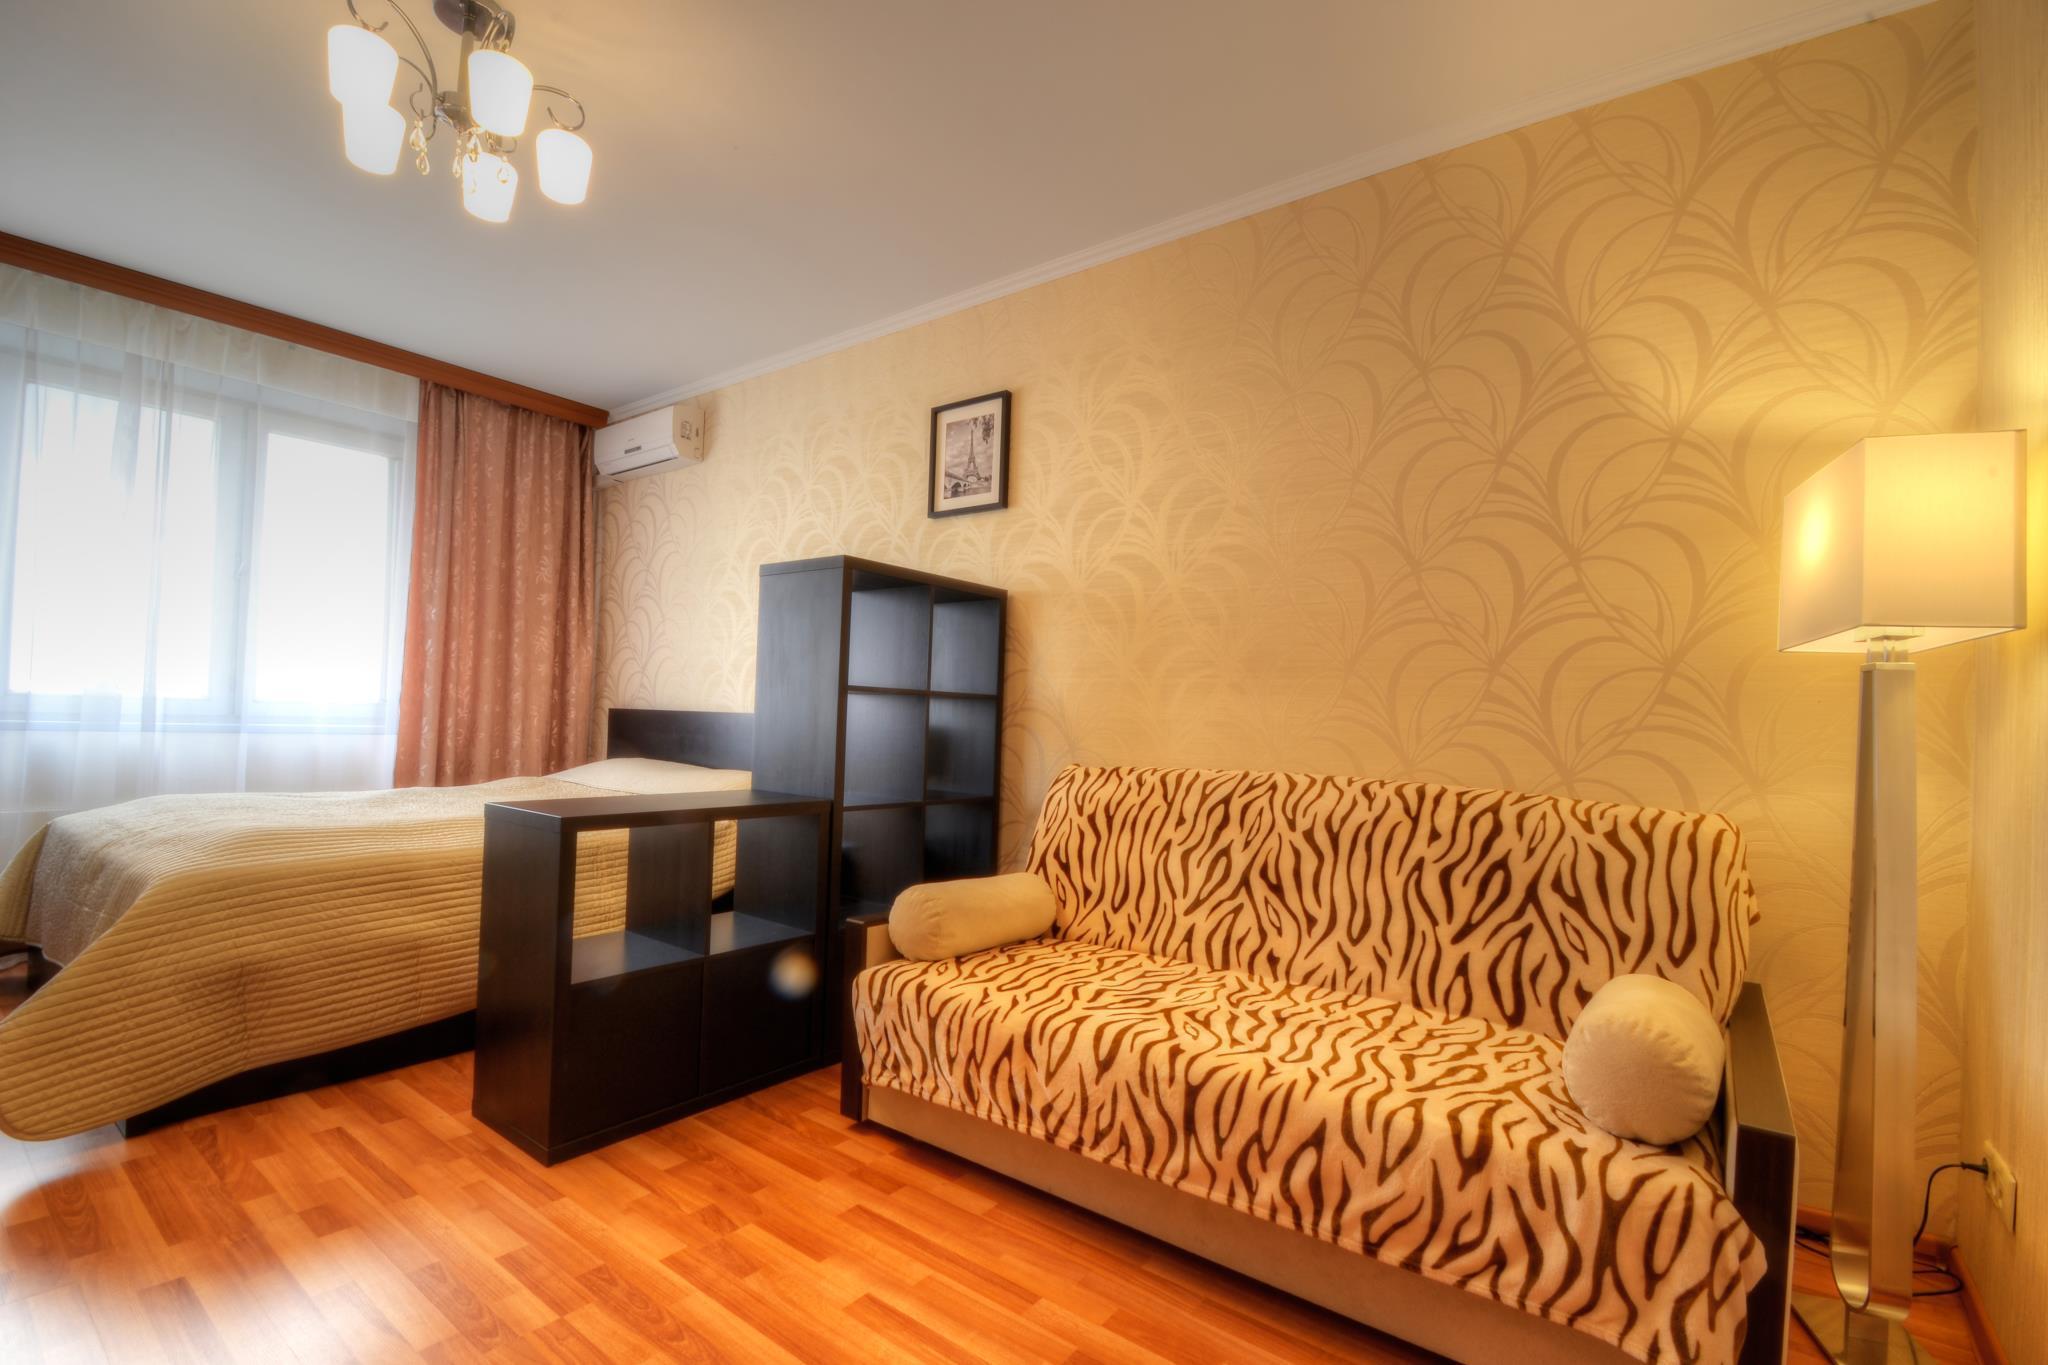 Luxe Apartments At Kuzminki